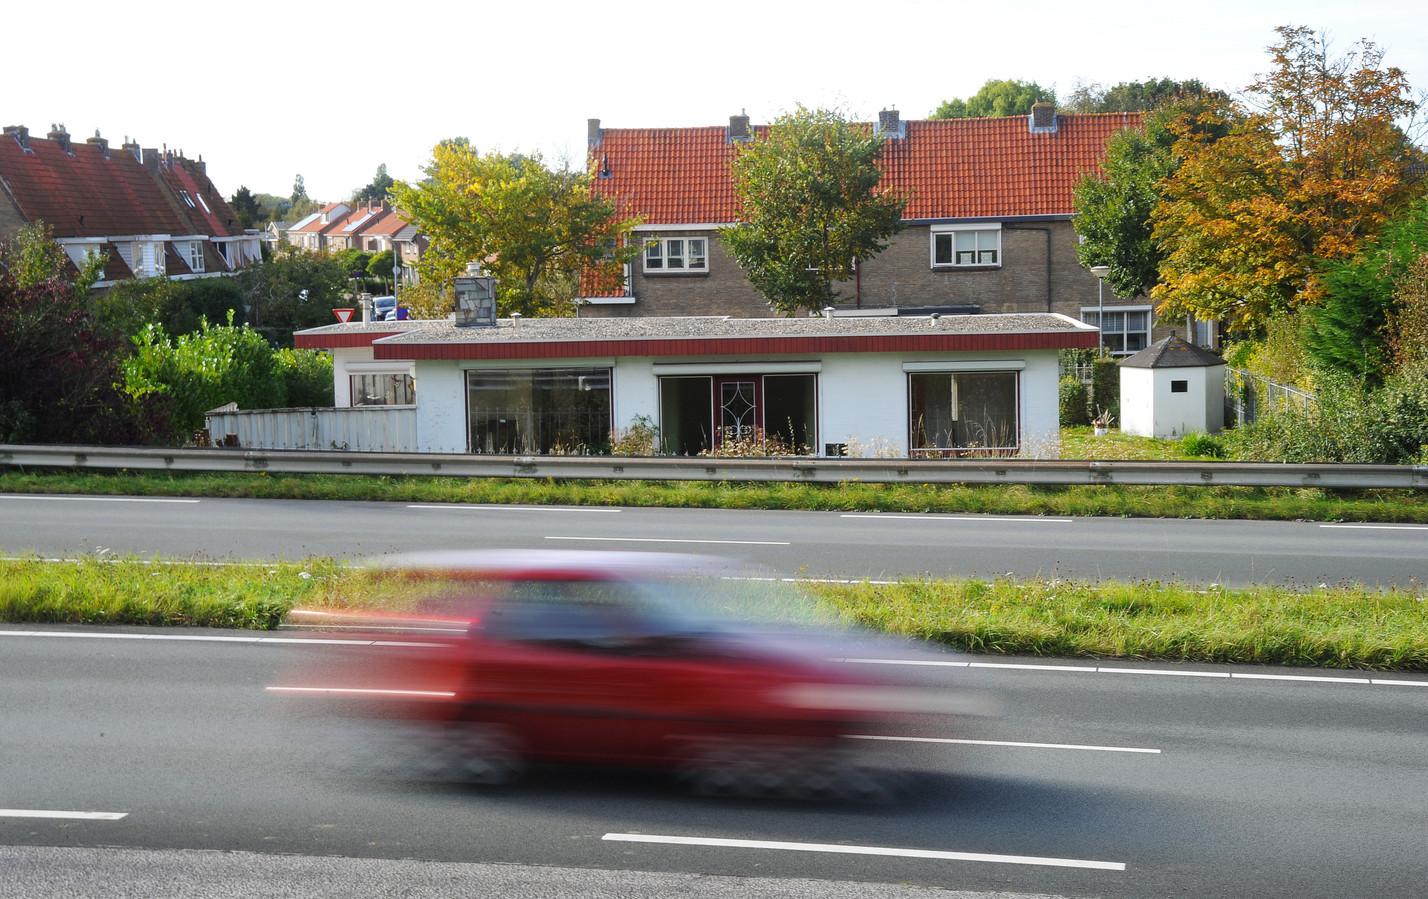 Op de Nieuwe Vlissingseweg wordt vaak hard gereden.